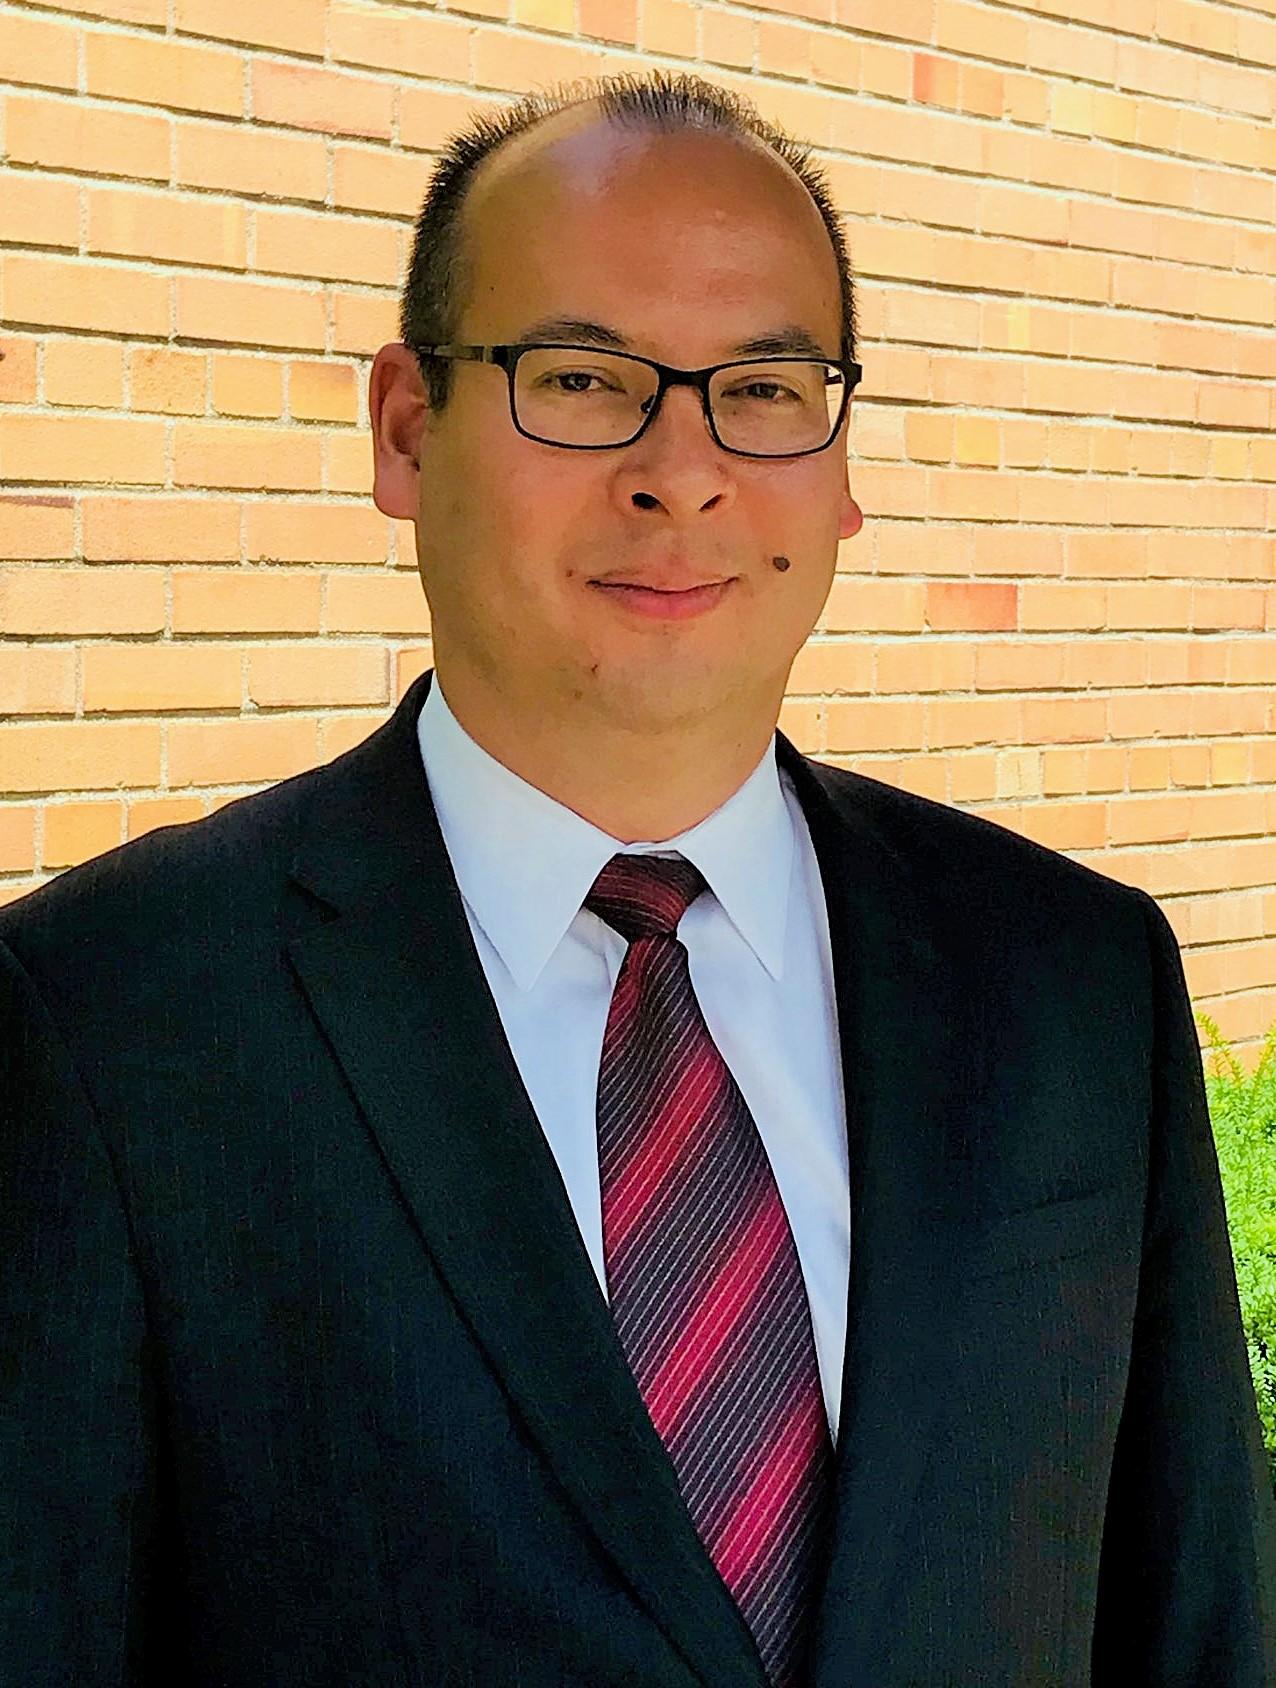 Portrait of Brian Lum